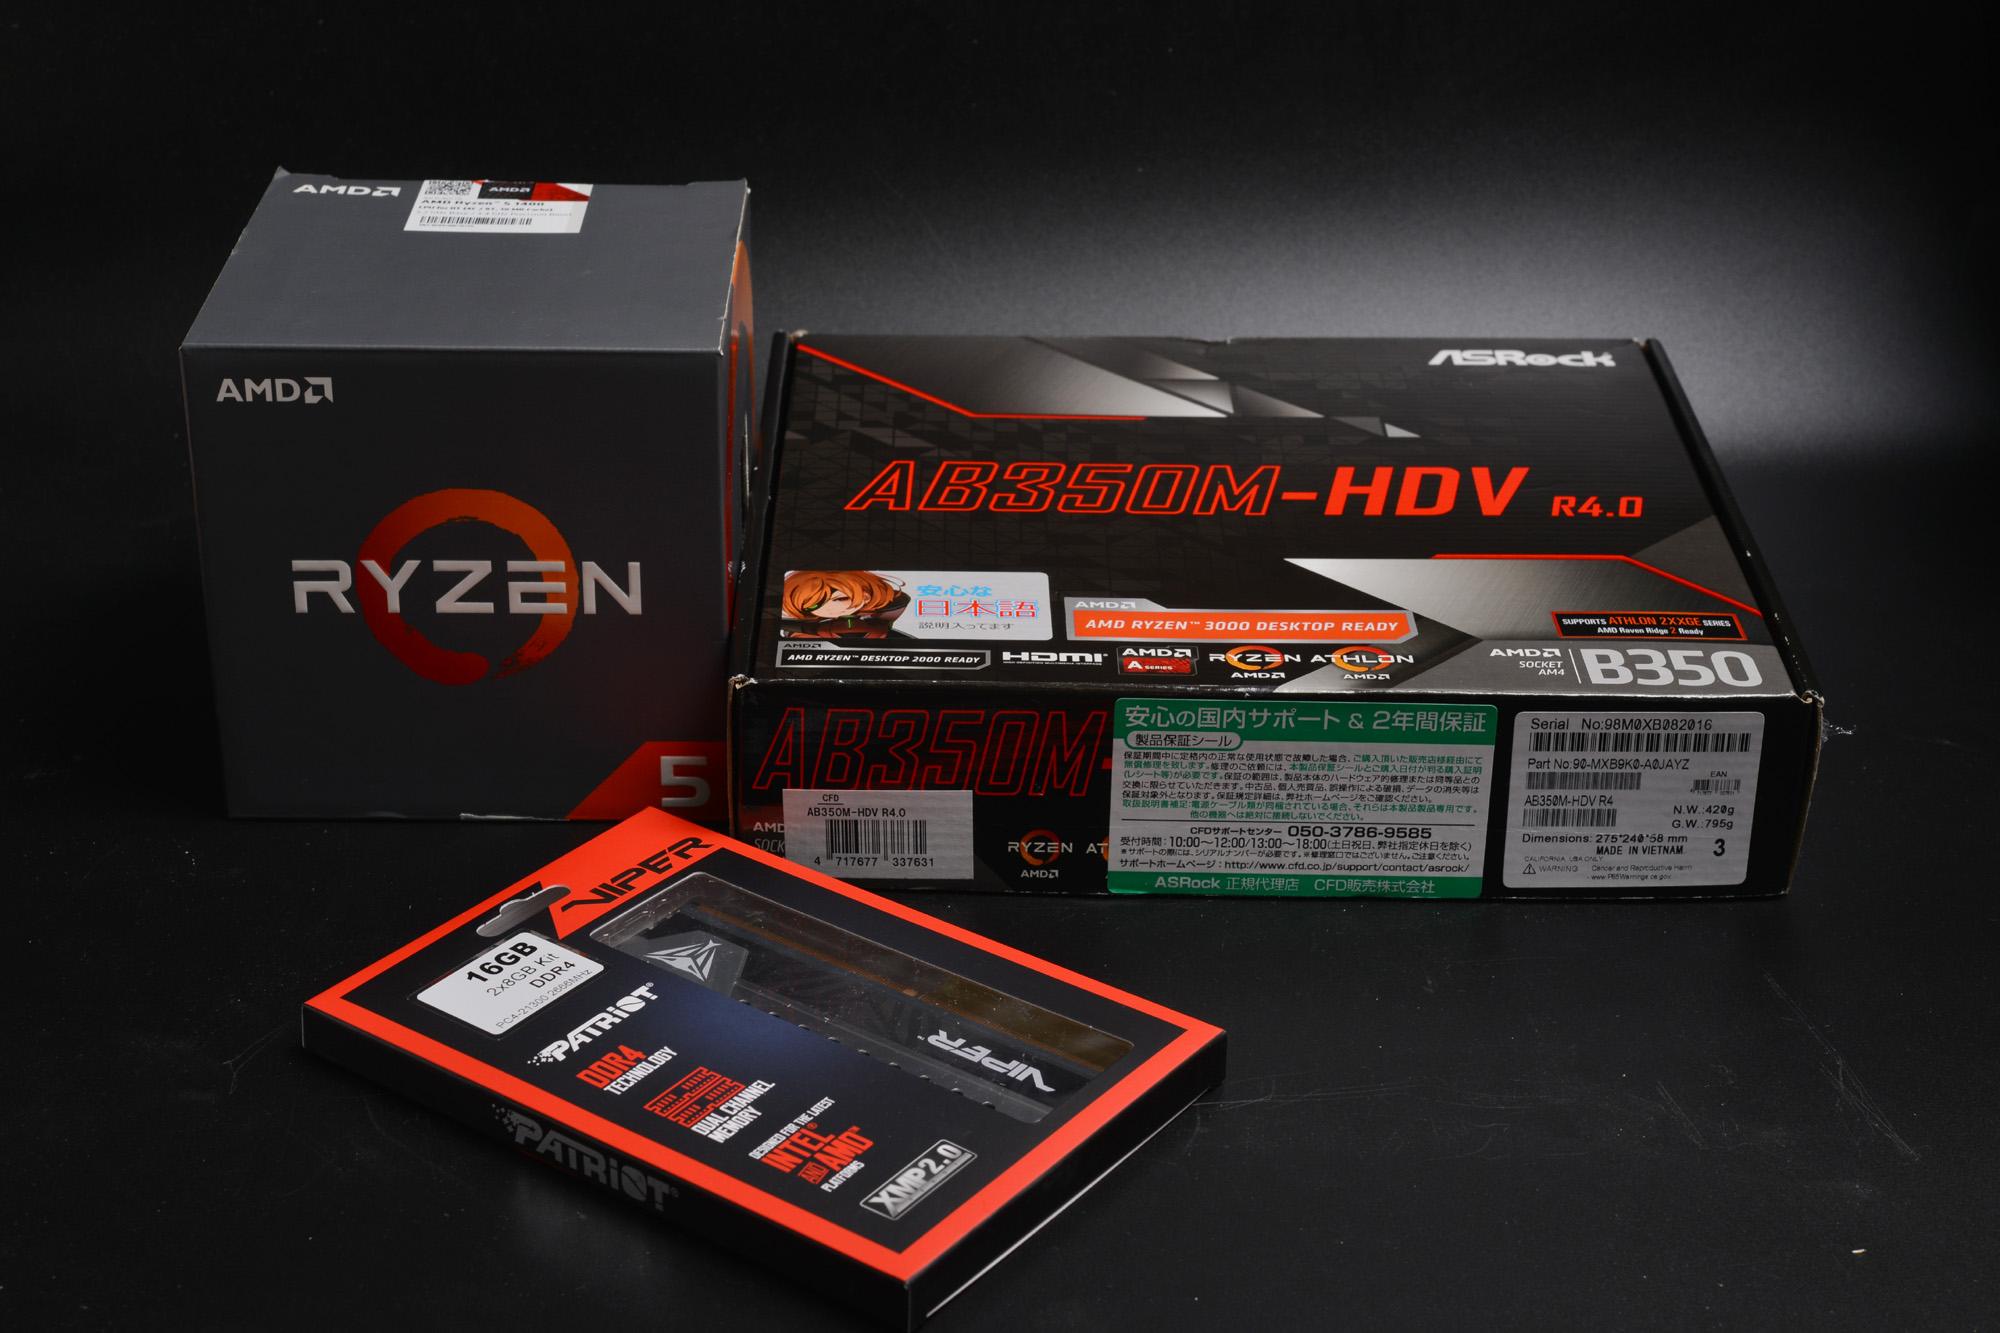 パパPCAM4に仕様変更でお買い物。 Ryzen 5 1400 3.2GHz・ASRook AB350M-HDV R4.0・PATRIOT DDR4 2666MHz (PC4-21300) 8GBx2